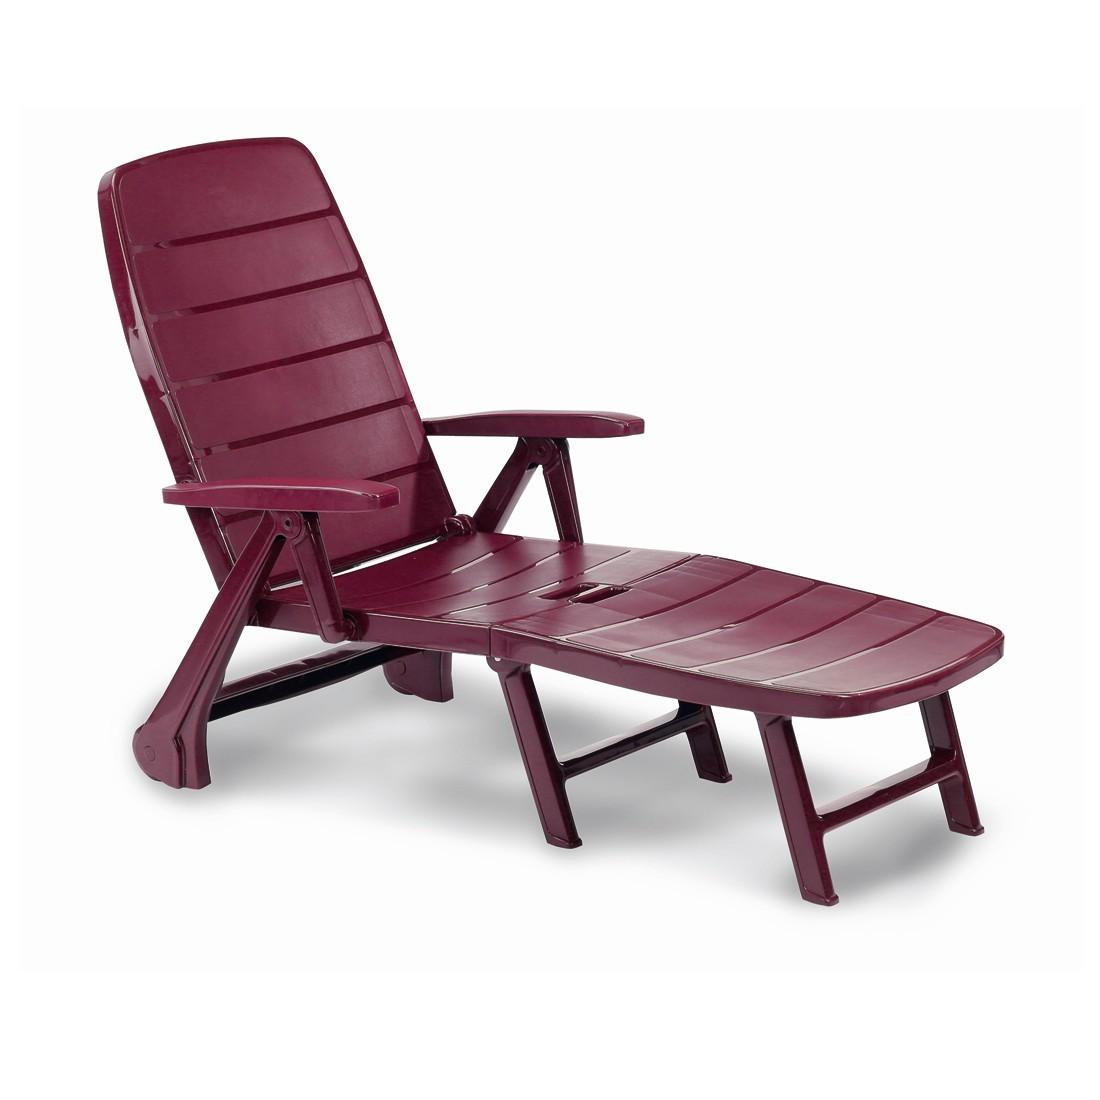 gartenliegen online kaufen m bel suchmaschine. Black Bedroom Furniture Sets. Home Design Ideas